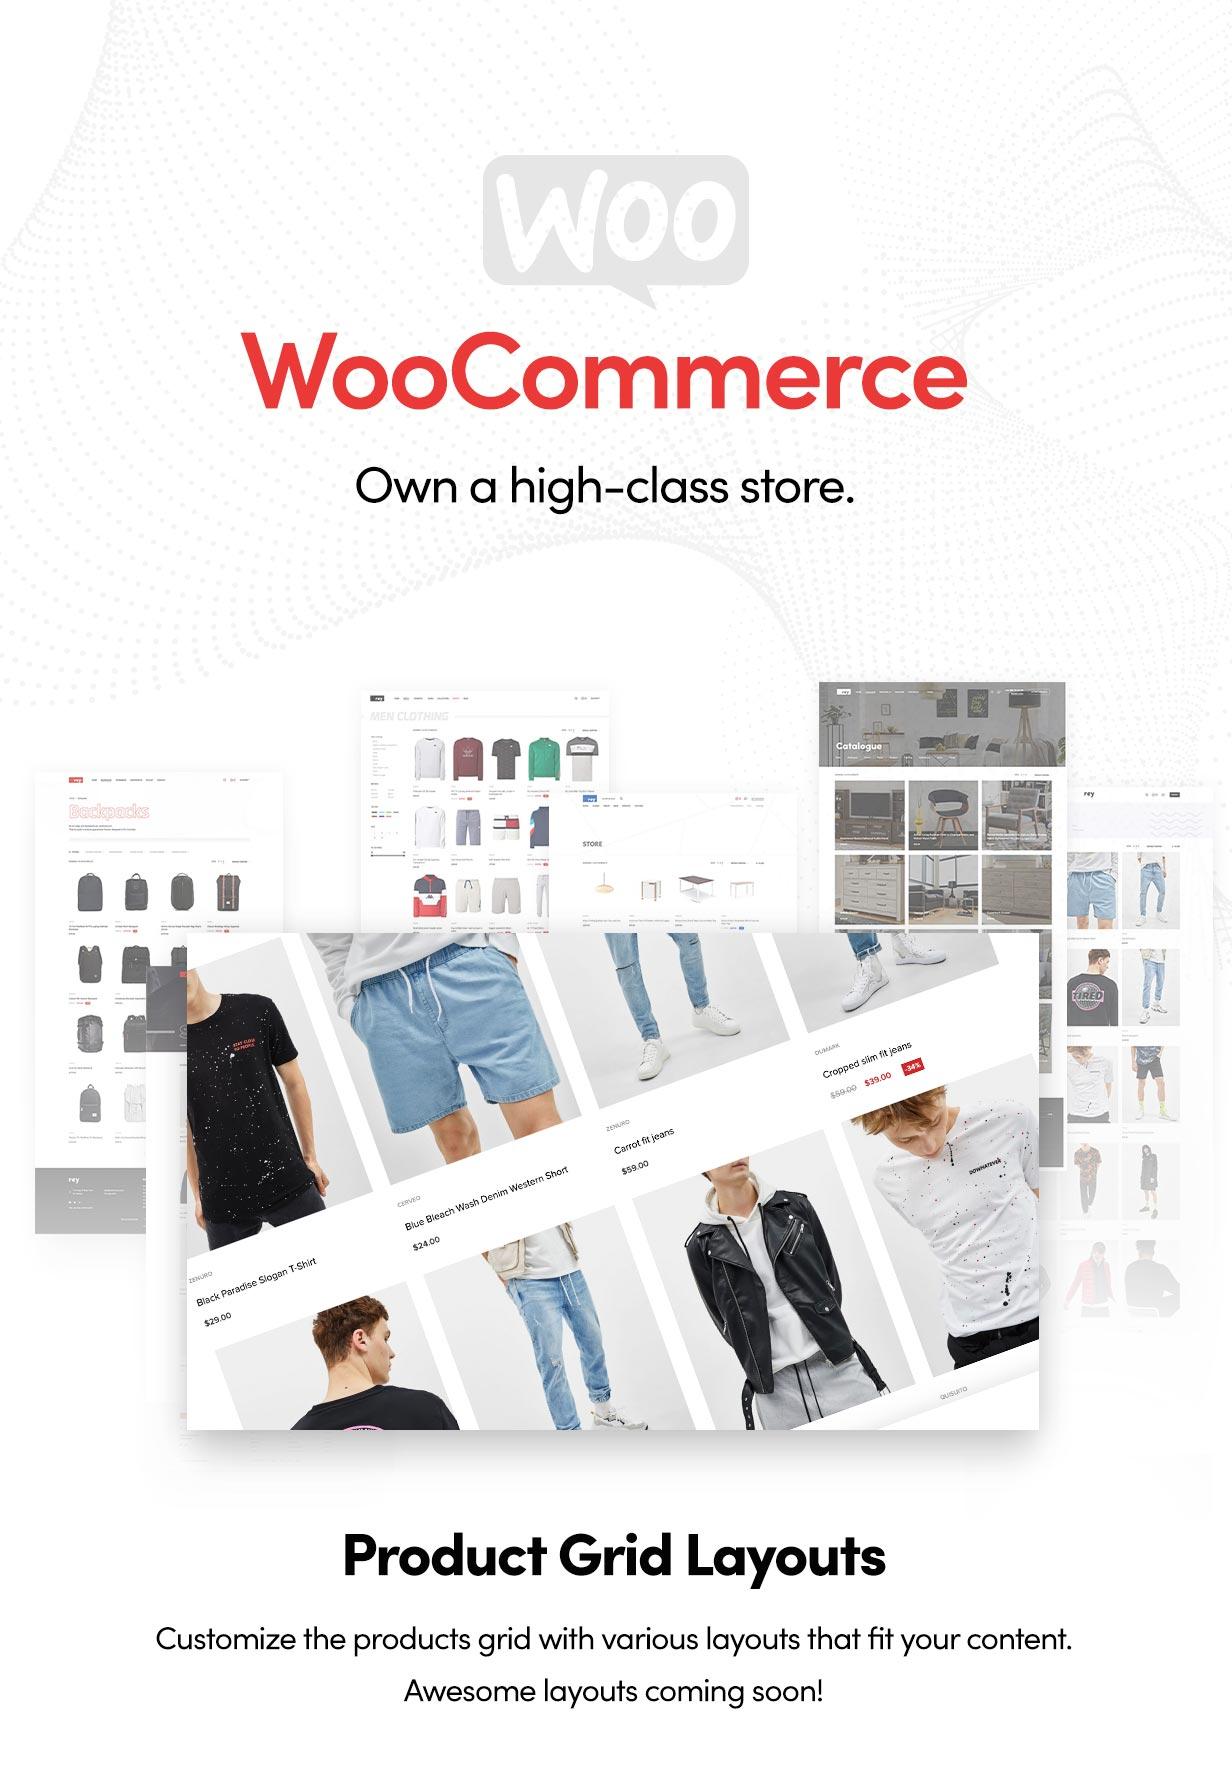 p woocommerce 1 - Rey - Fashion & Clothing, Furniture